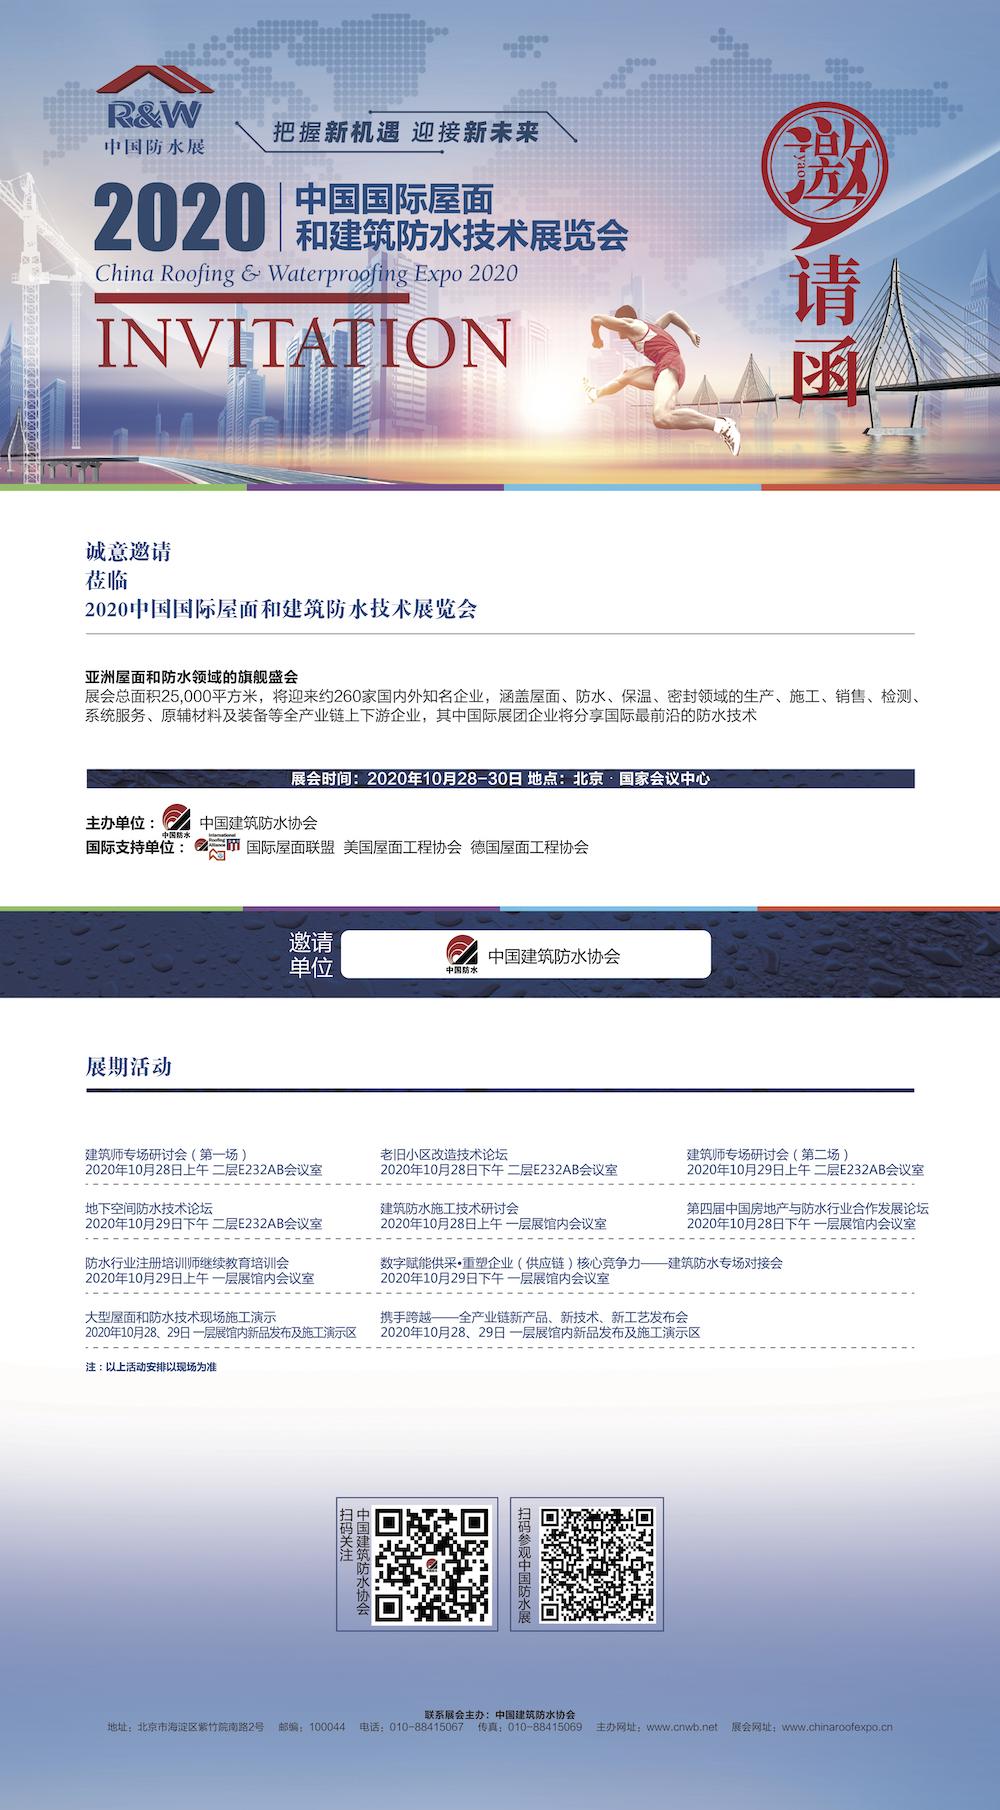 2020中国防水展观众邀请函电子文件(带中国建筑防水协会)副本.jpg